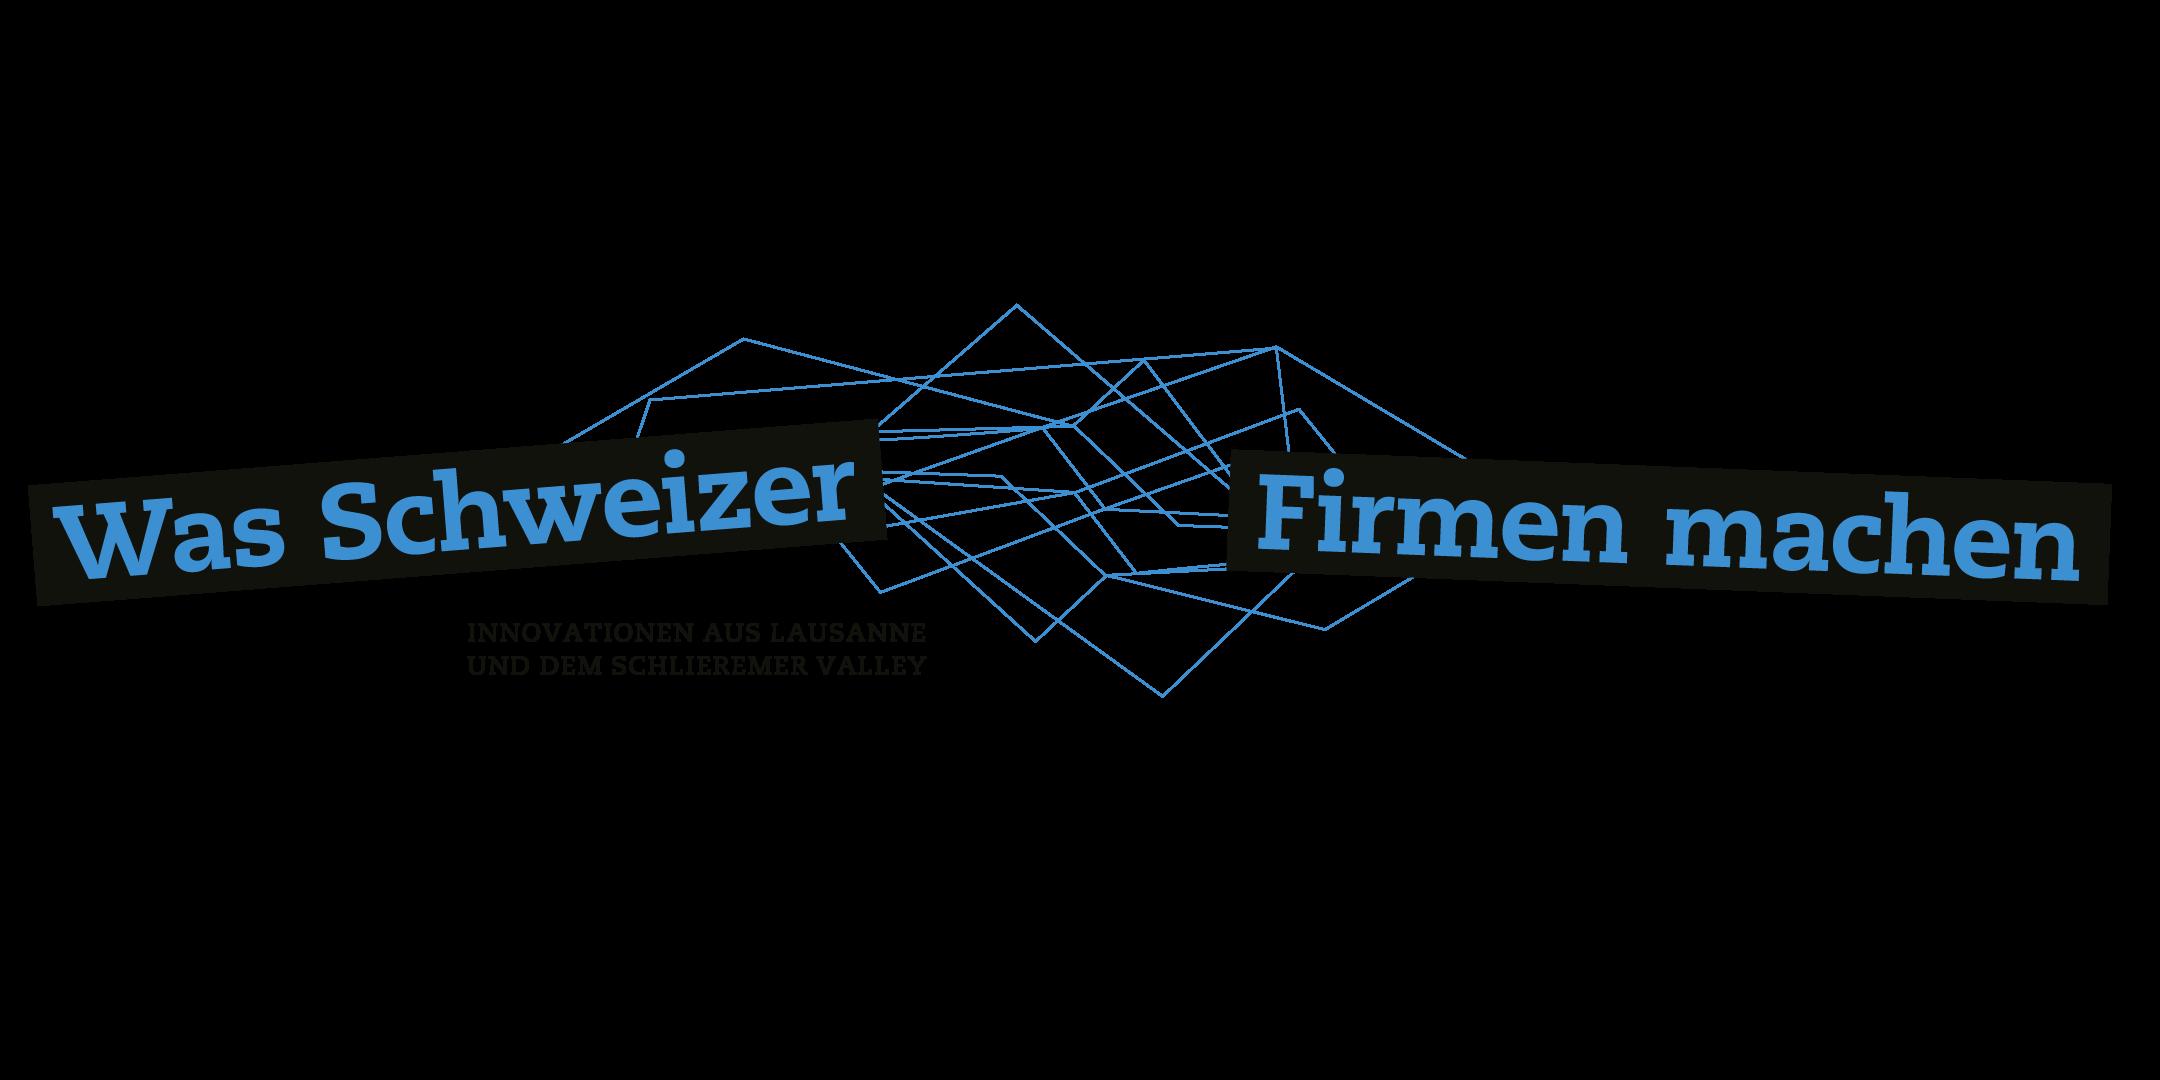 Was Schweizer Firmen machen